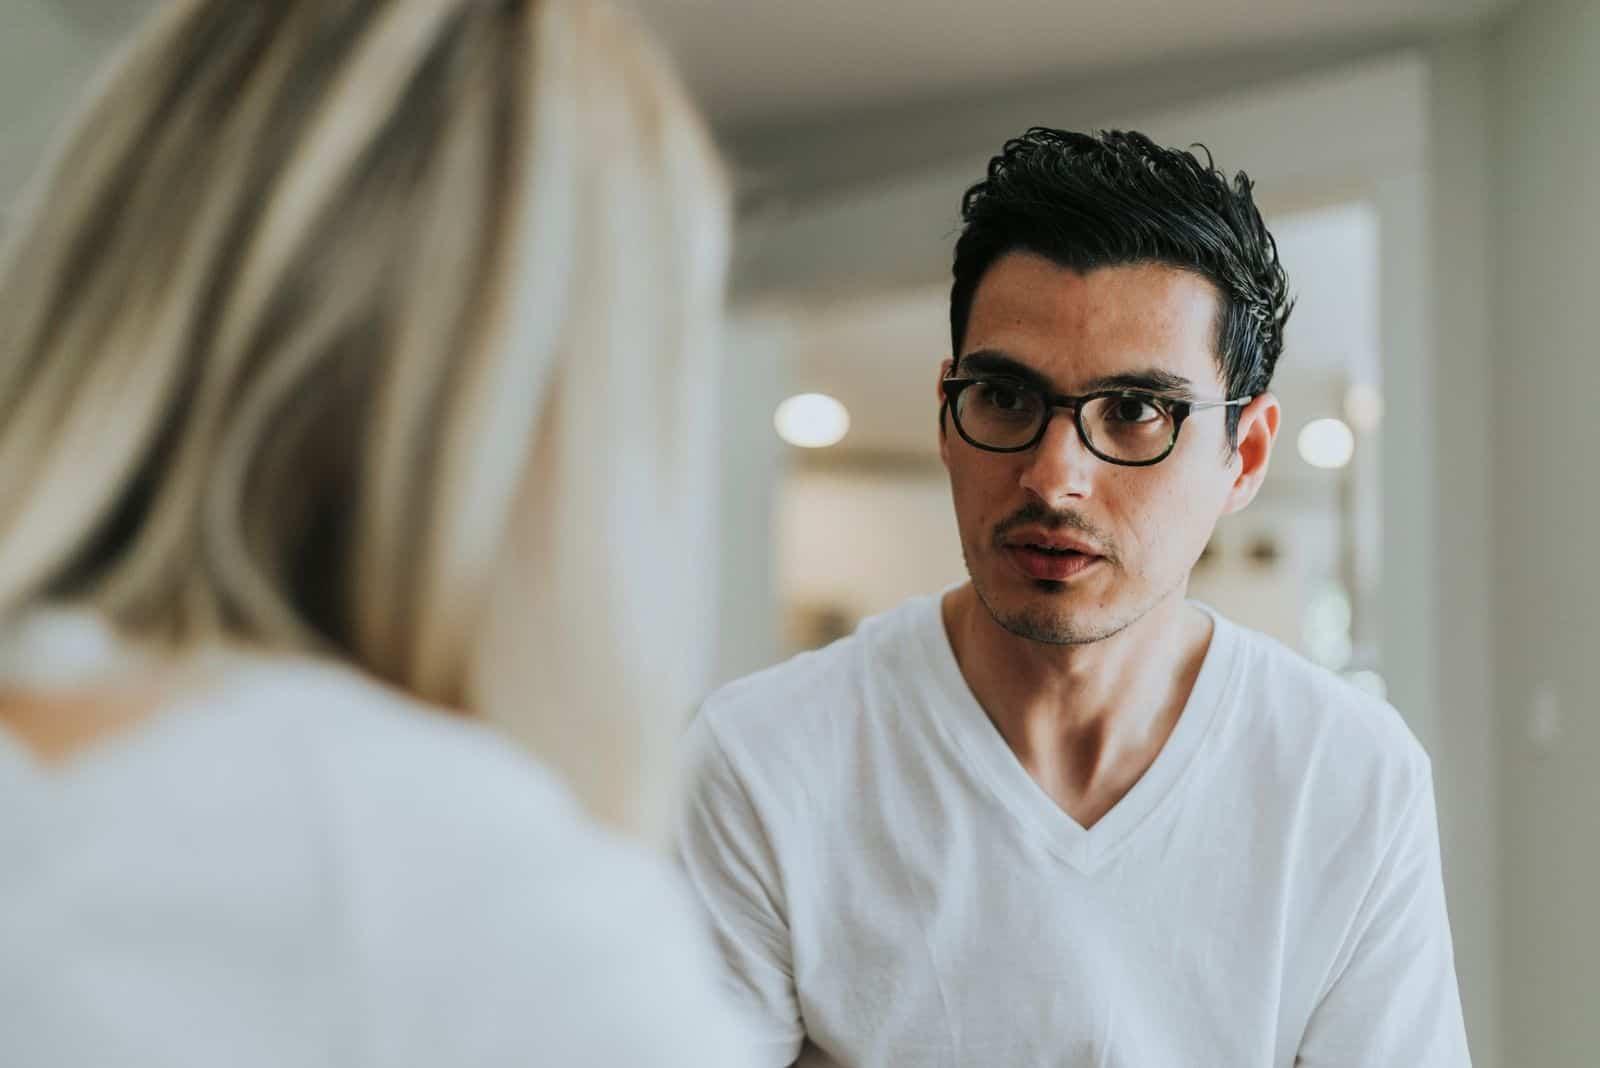 Paar, das ernsthafte Gespräche führt den Rücken der Frau zeigen